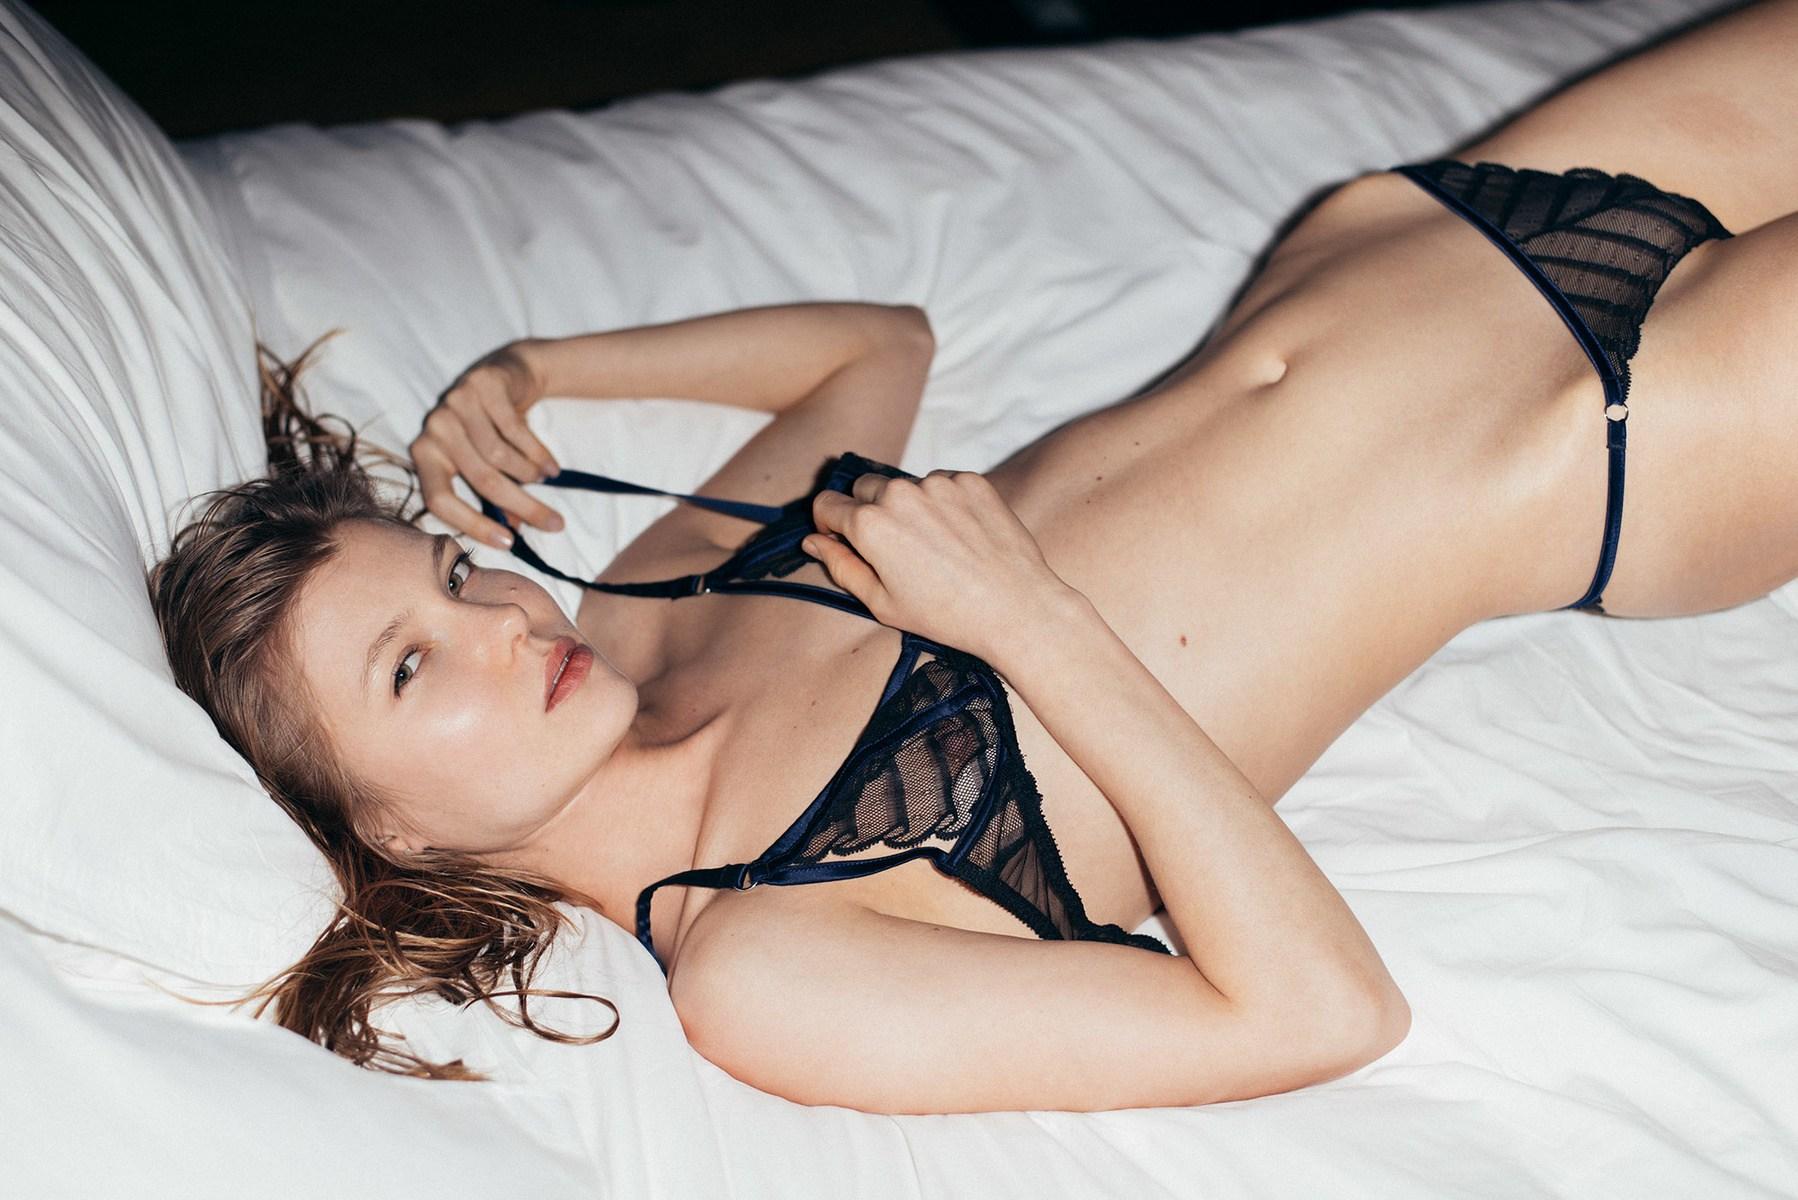 pénisz mérete emberben lehet-e gyenge merevedés